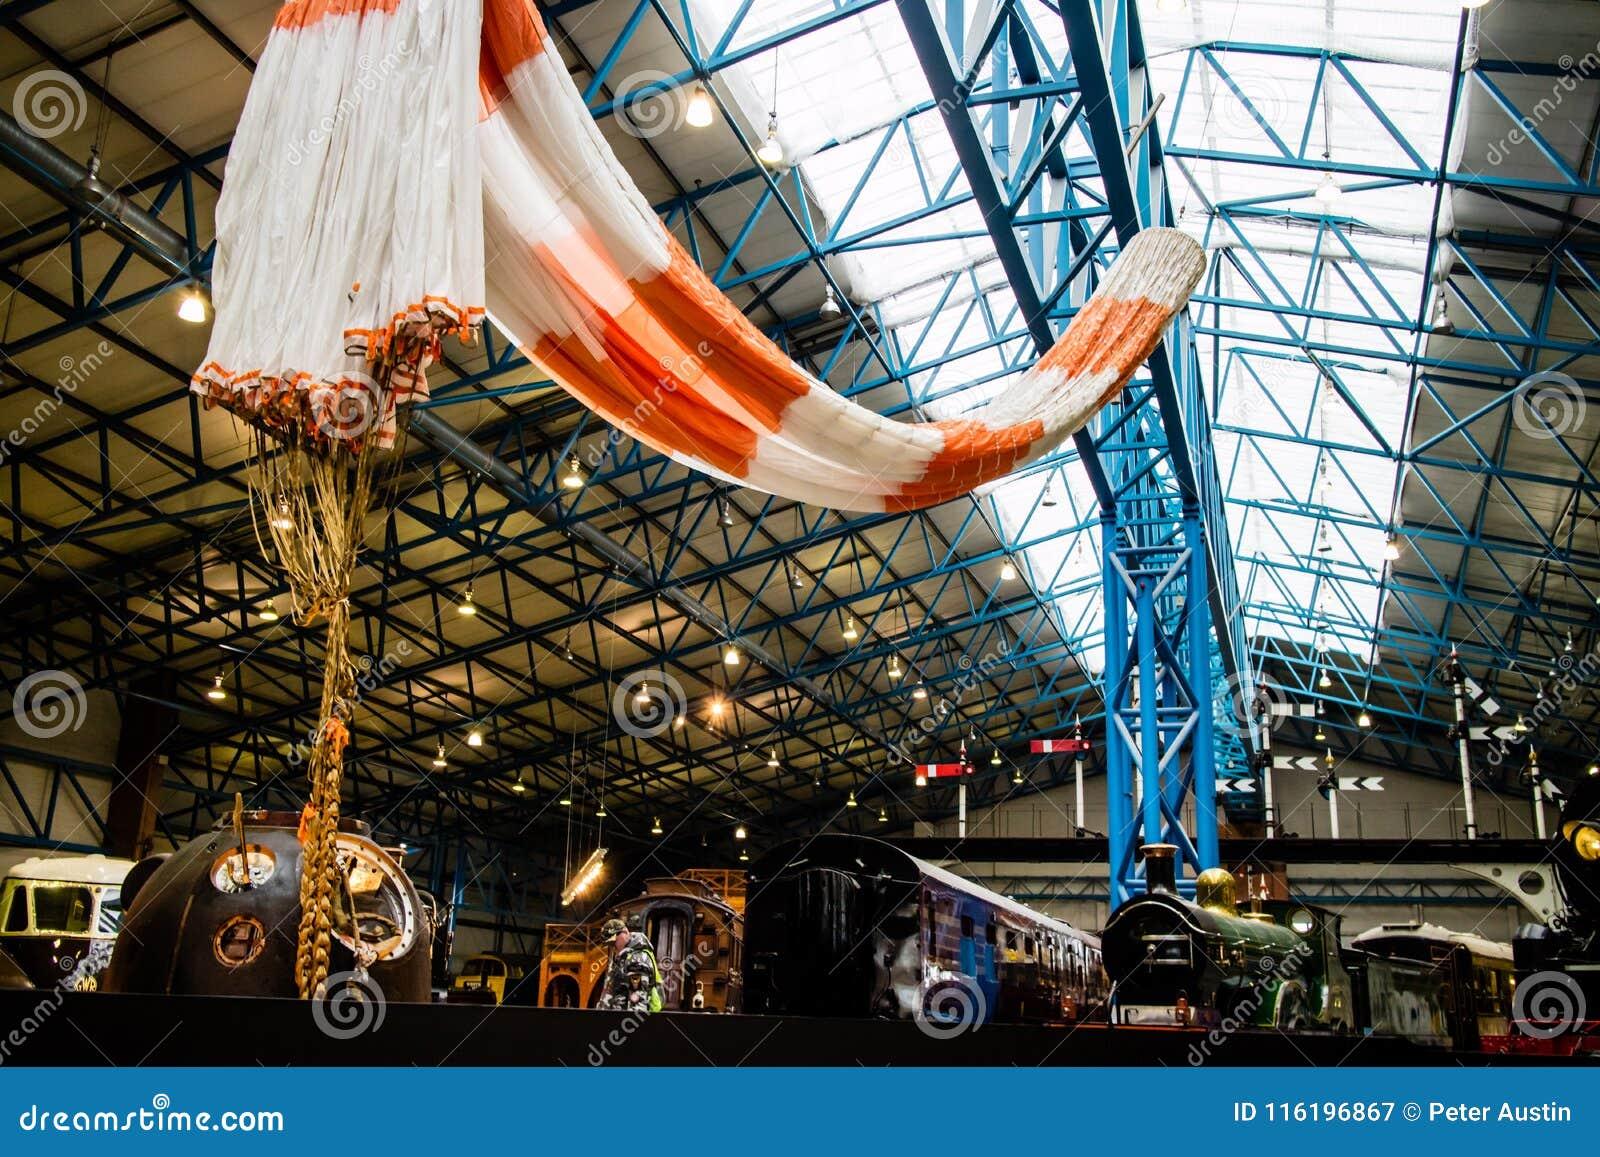 Jork, Zjednoczone Królestwo - 02/08/2018: Tim Peake ` s Soyuz statek kosmiczny